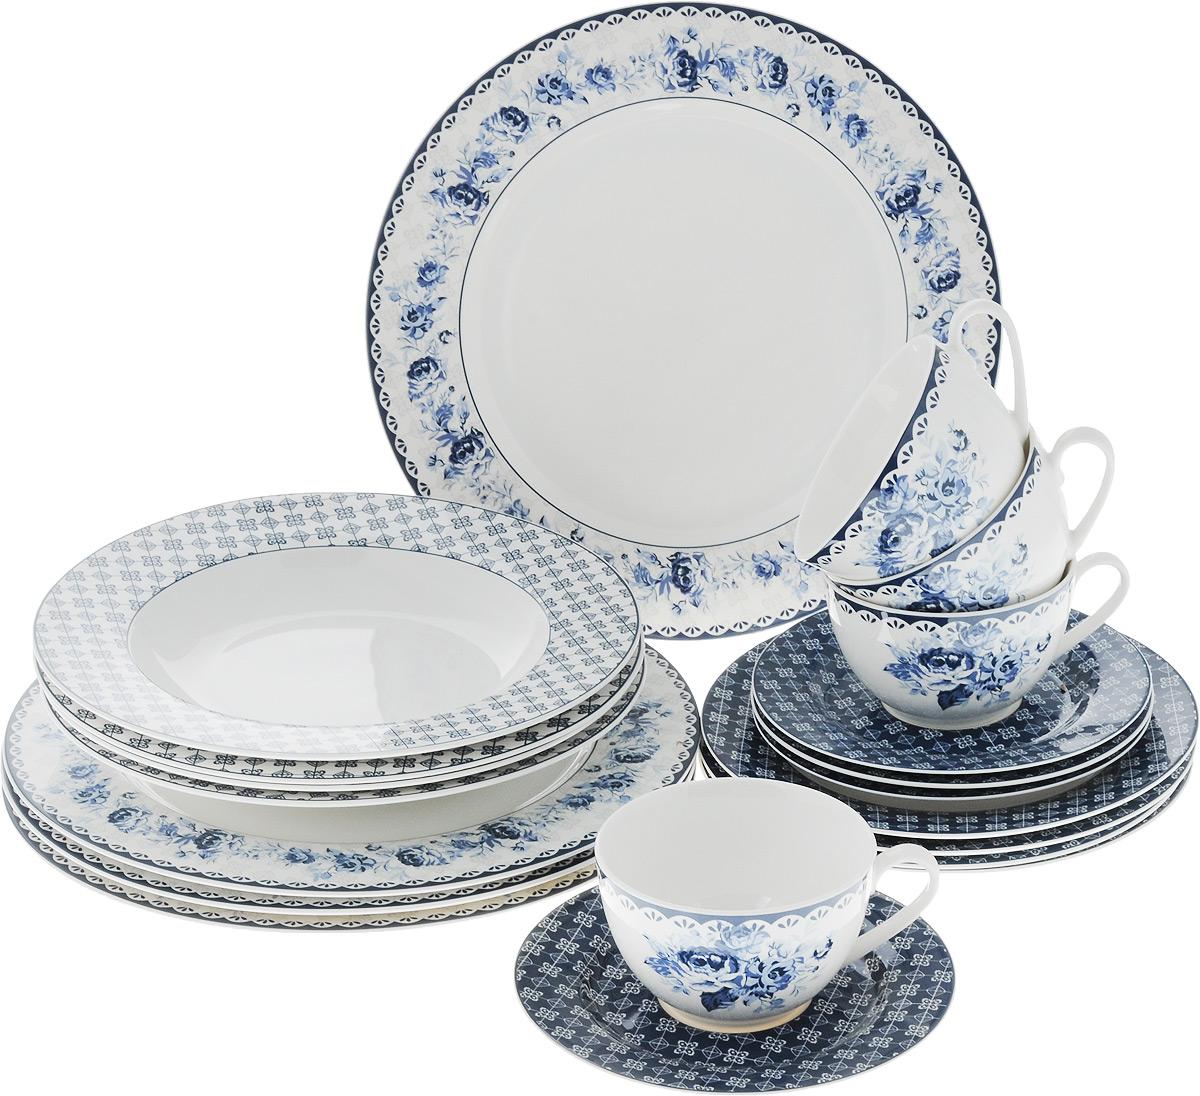 Набор столовой посуды Синие цветы, 20 предметов. 15-33554 009312Набор столовой посуды Синие цветы состоит из 4 обеденных тарелок, 4 суповых тарелок, 4 десертных тарелок, 4 блюдец и 4 чашек. Изделия выполнены из фарфора и дополнены изысканным цветочным рисунком в стиле гжель. Посуда отличается прочностью, гигиеничностью и долгим сроком службы, она устойчива к появлению царапин. Такой набор прекрасно подойдет как для повседневного использования, так и для праздников или особенных случаев. Такой набор столовой посуды - это не только яркий и полезный подарок для родных и близких, а также великолепное дизайнерское решение для вашей кухни или столовой. Можно использовать в микроволновой печи и мыть в посудомоечной машине. Диаметр суповой тарелки: 23 см. Высота суповой тарелки: 3 см.Диаметр обеденной тарелки: 27 см. Диаметр десертной тарелки: 19 см. Диаметр блюдца: 15,5 см. Объем чашки: 250 мл.Диаметр чашки (по верхнему краю): 9,5 см.Высота чашки: 6 см.